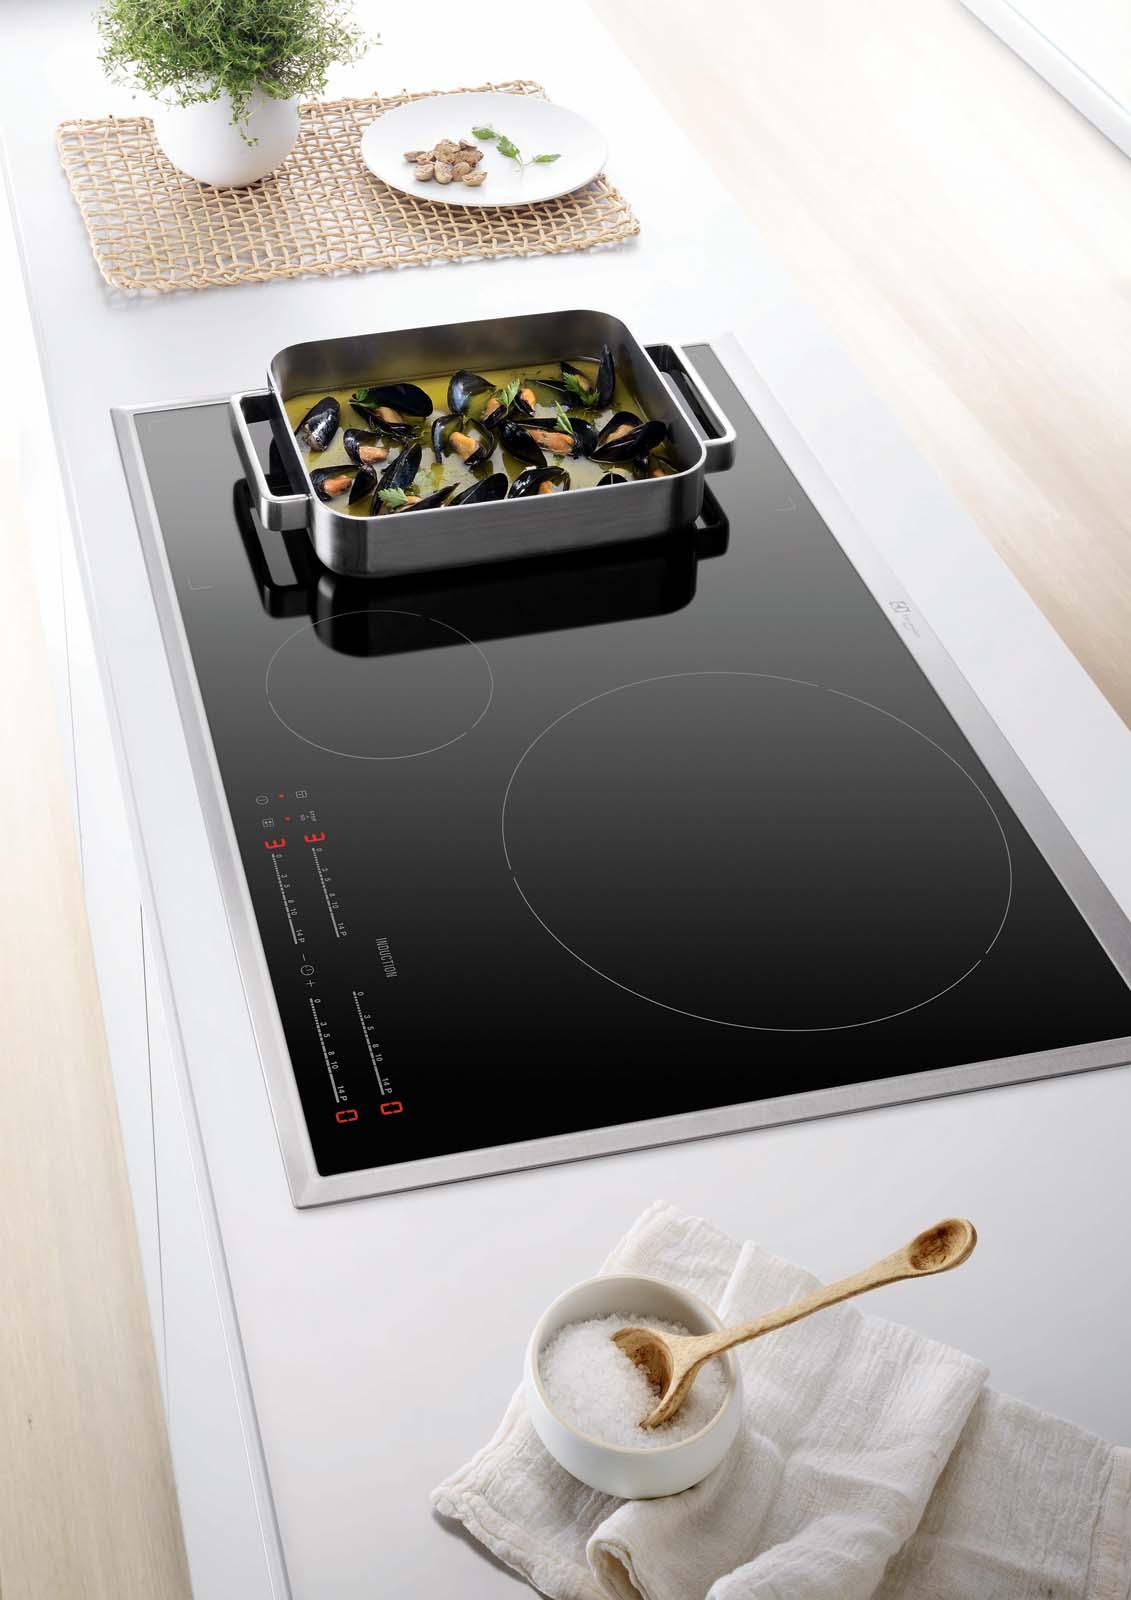 Ho assaggiato il meglio della cucina elettrodomestici compresi - Cucina senza elettrodomestici ...